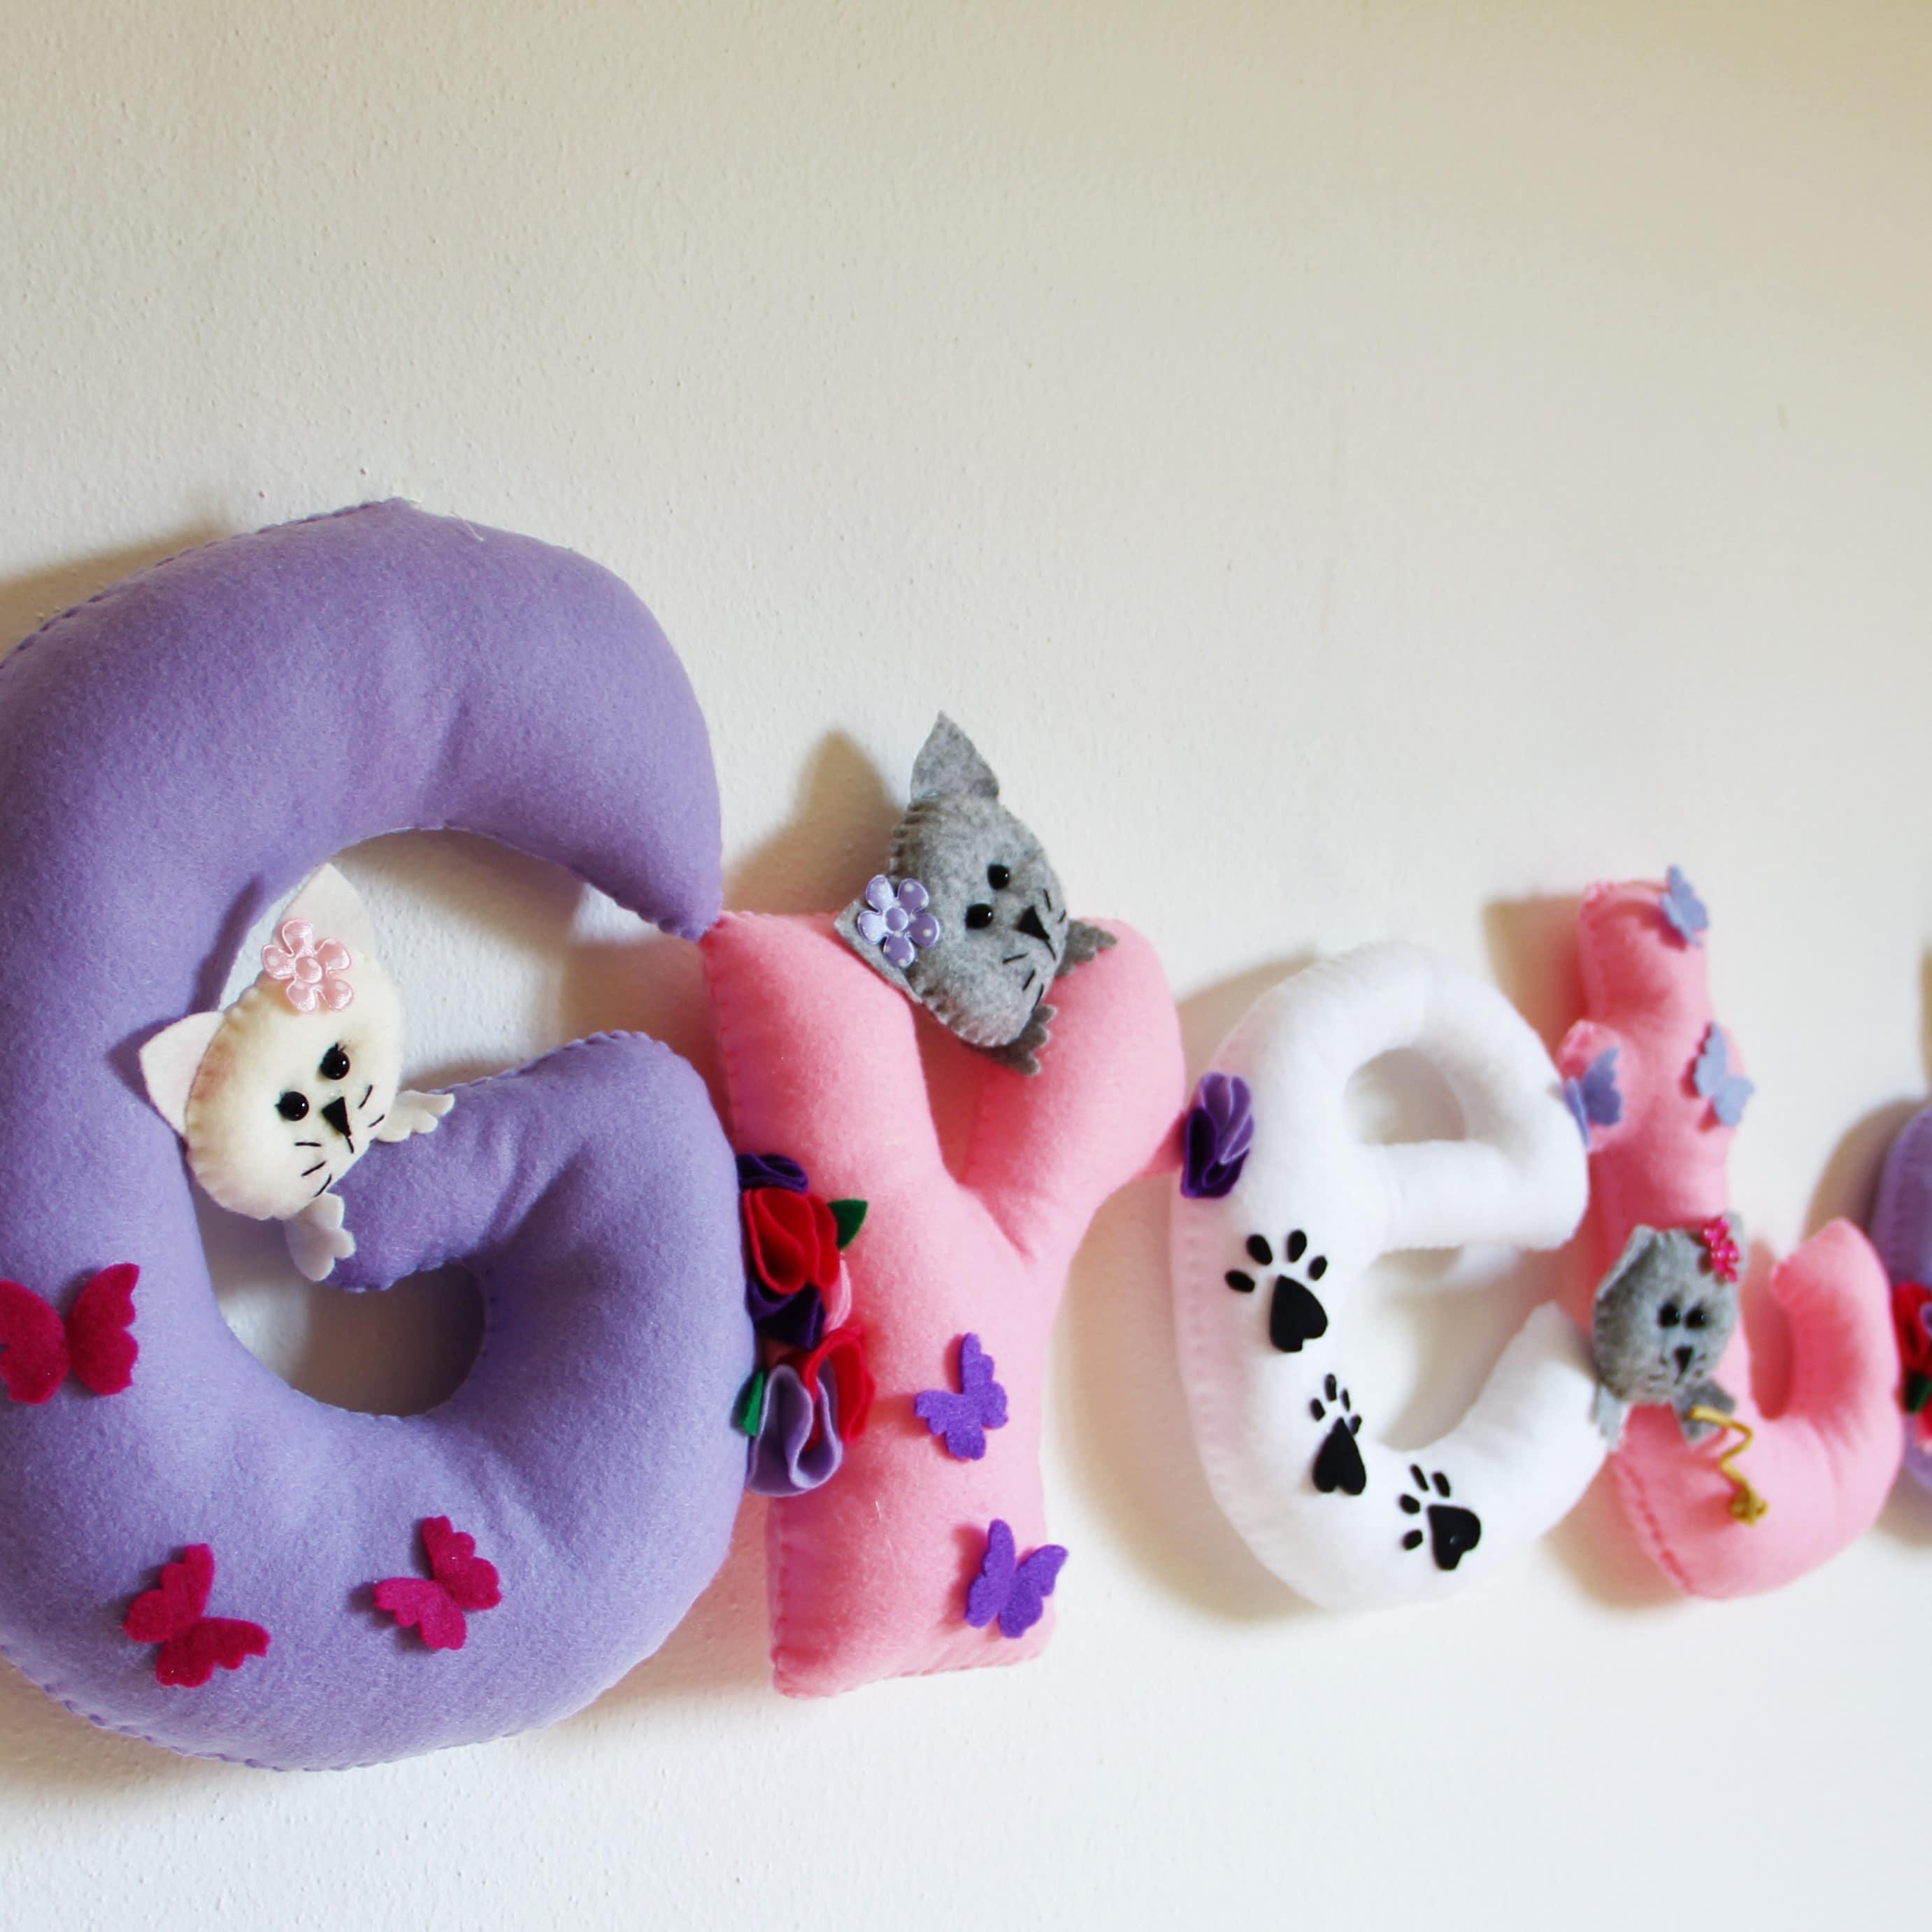 nome-gigante-gattine-pannolenci-neonata